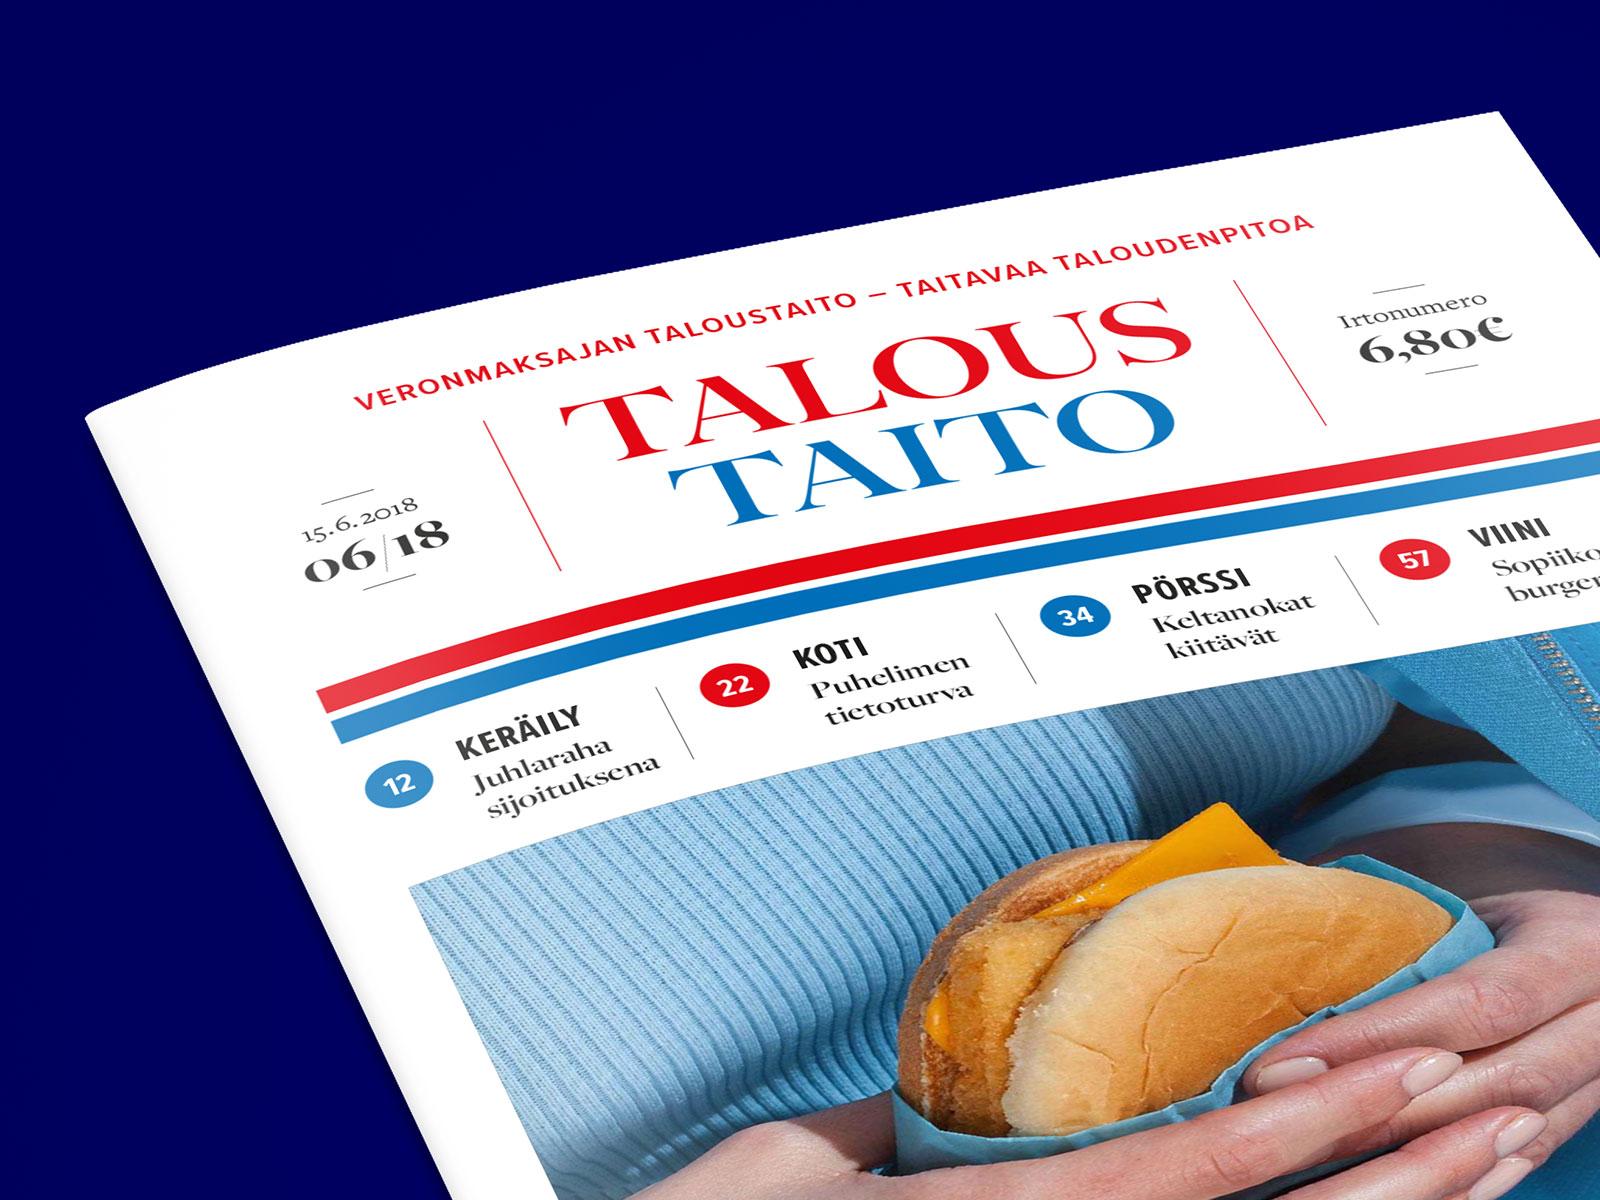 TalousTaito